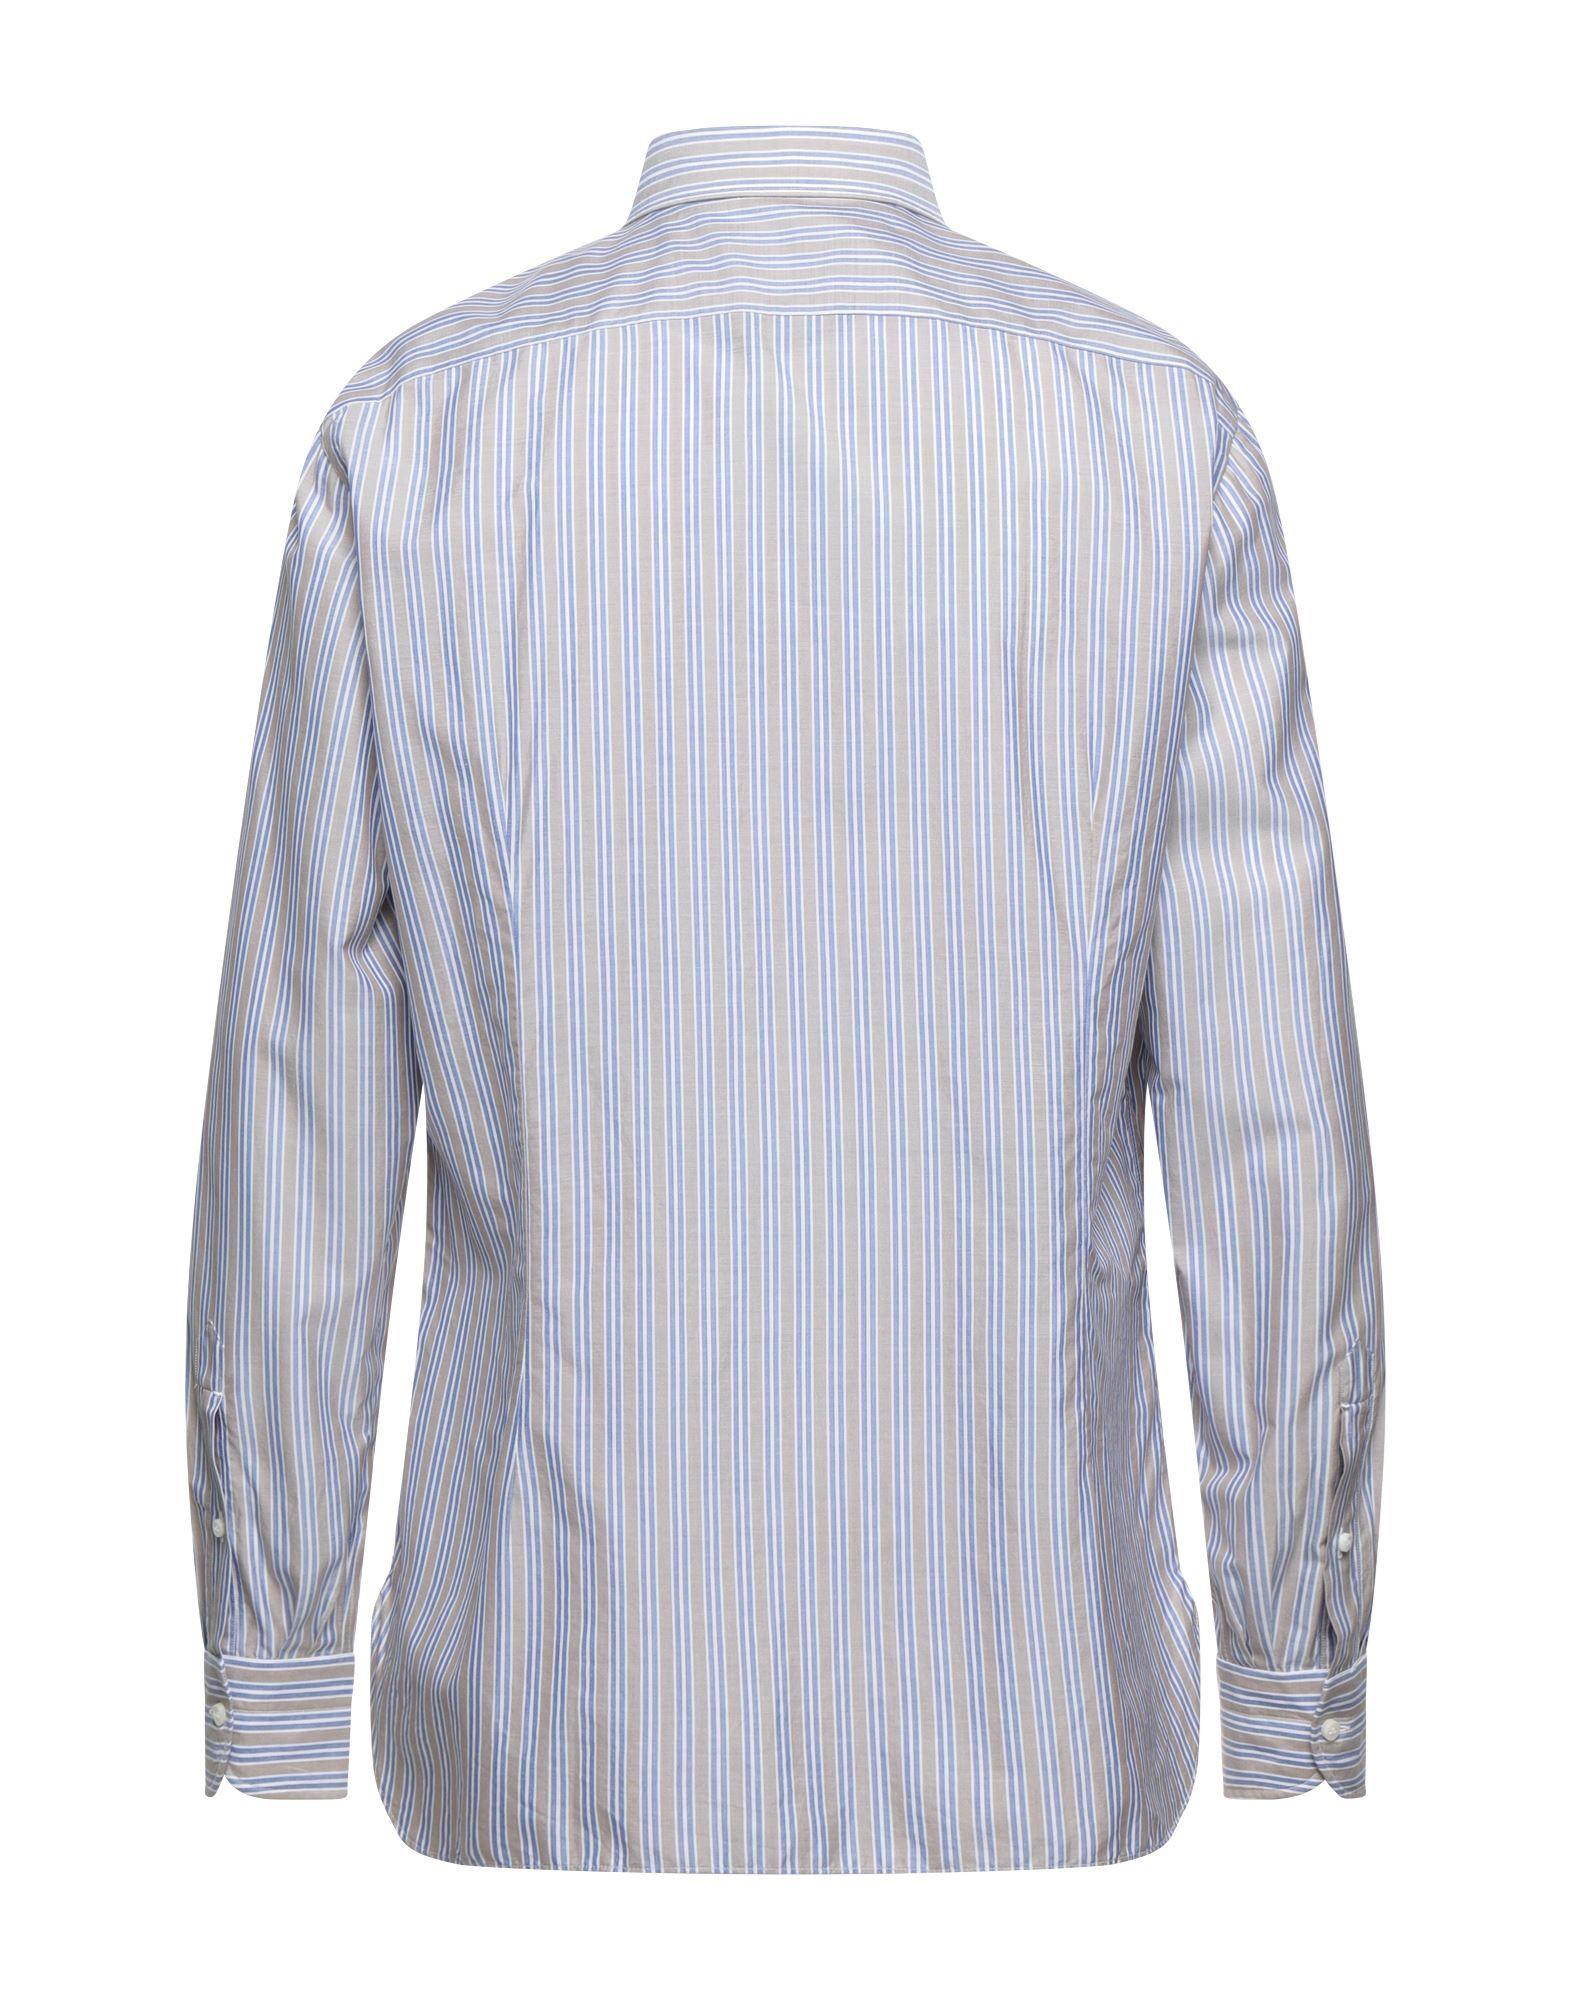 Luigi Borrelli Napoli Man Shirts Cotton